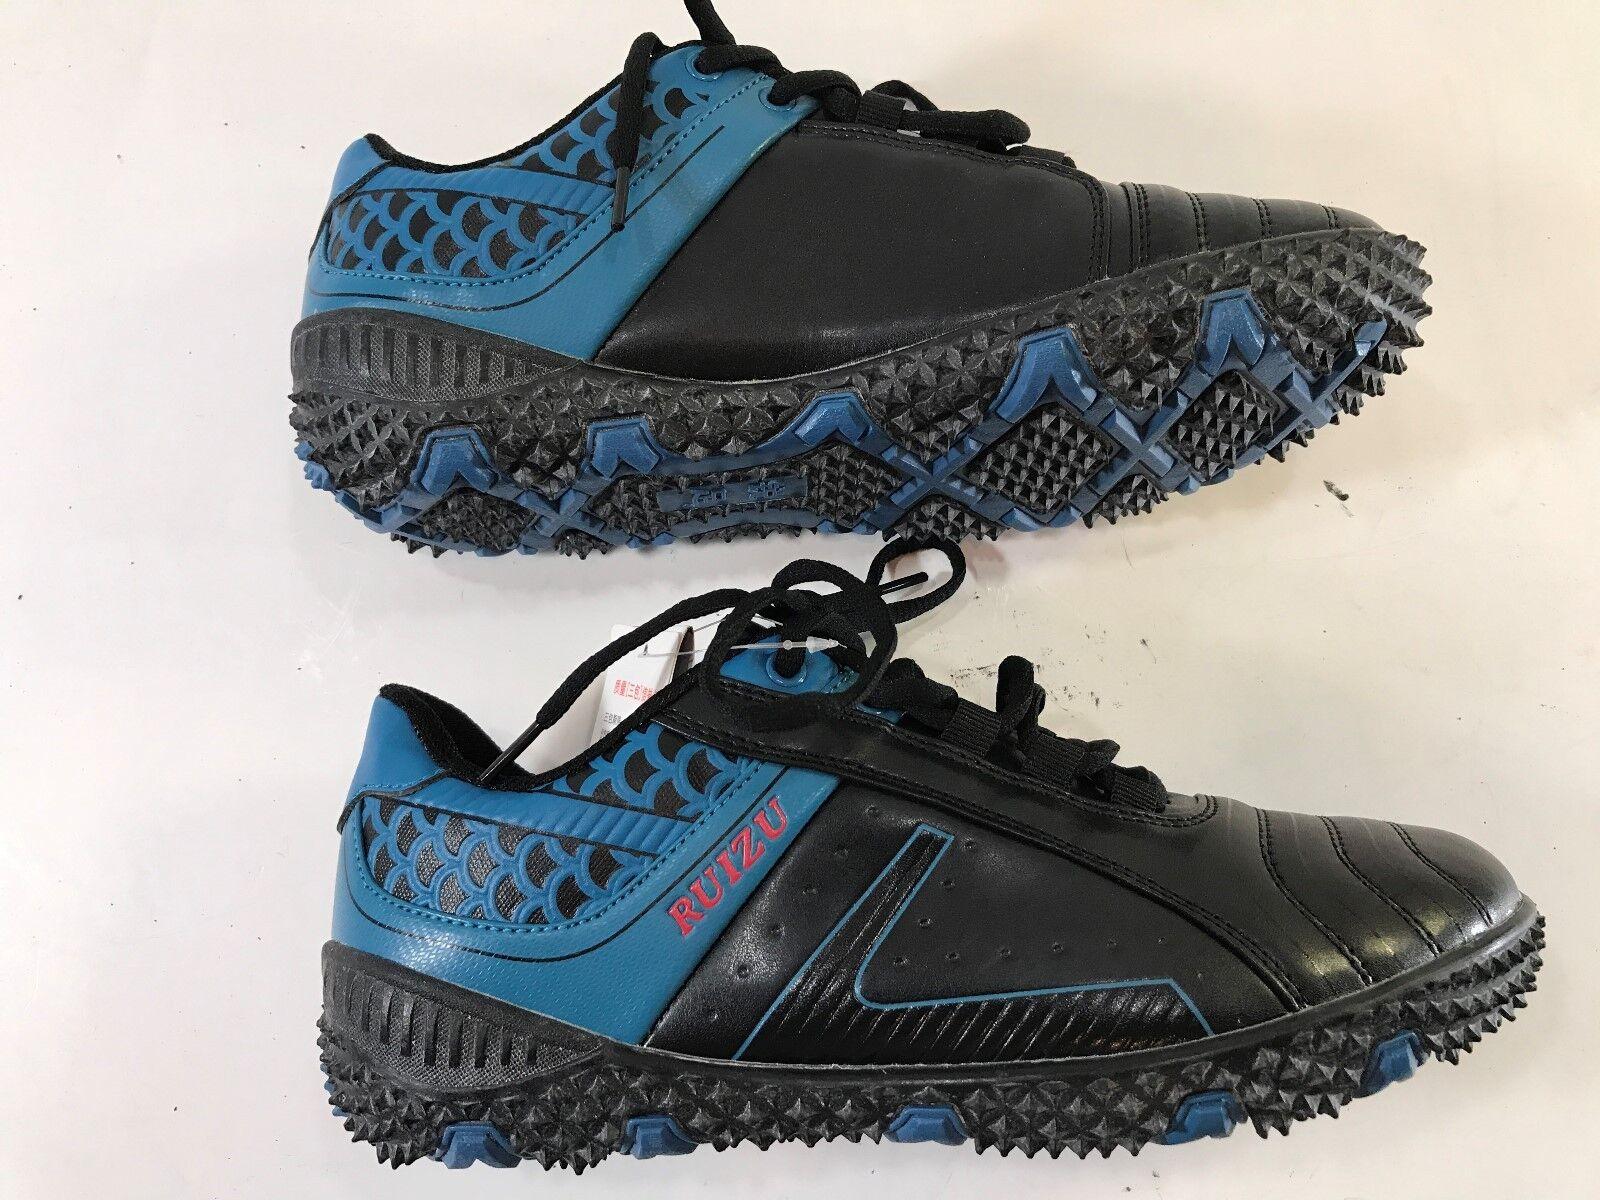 NWOT Uomo RUIZU FASHION FASHION FASHION SPORTS SKATEBOARD scarpe Sz US 8 M EU 41 (VERY RARE) ad206a